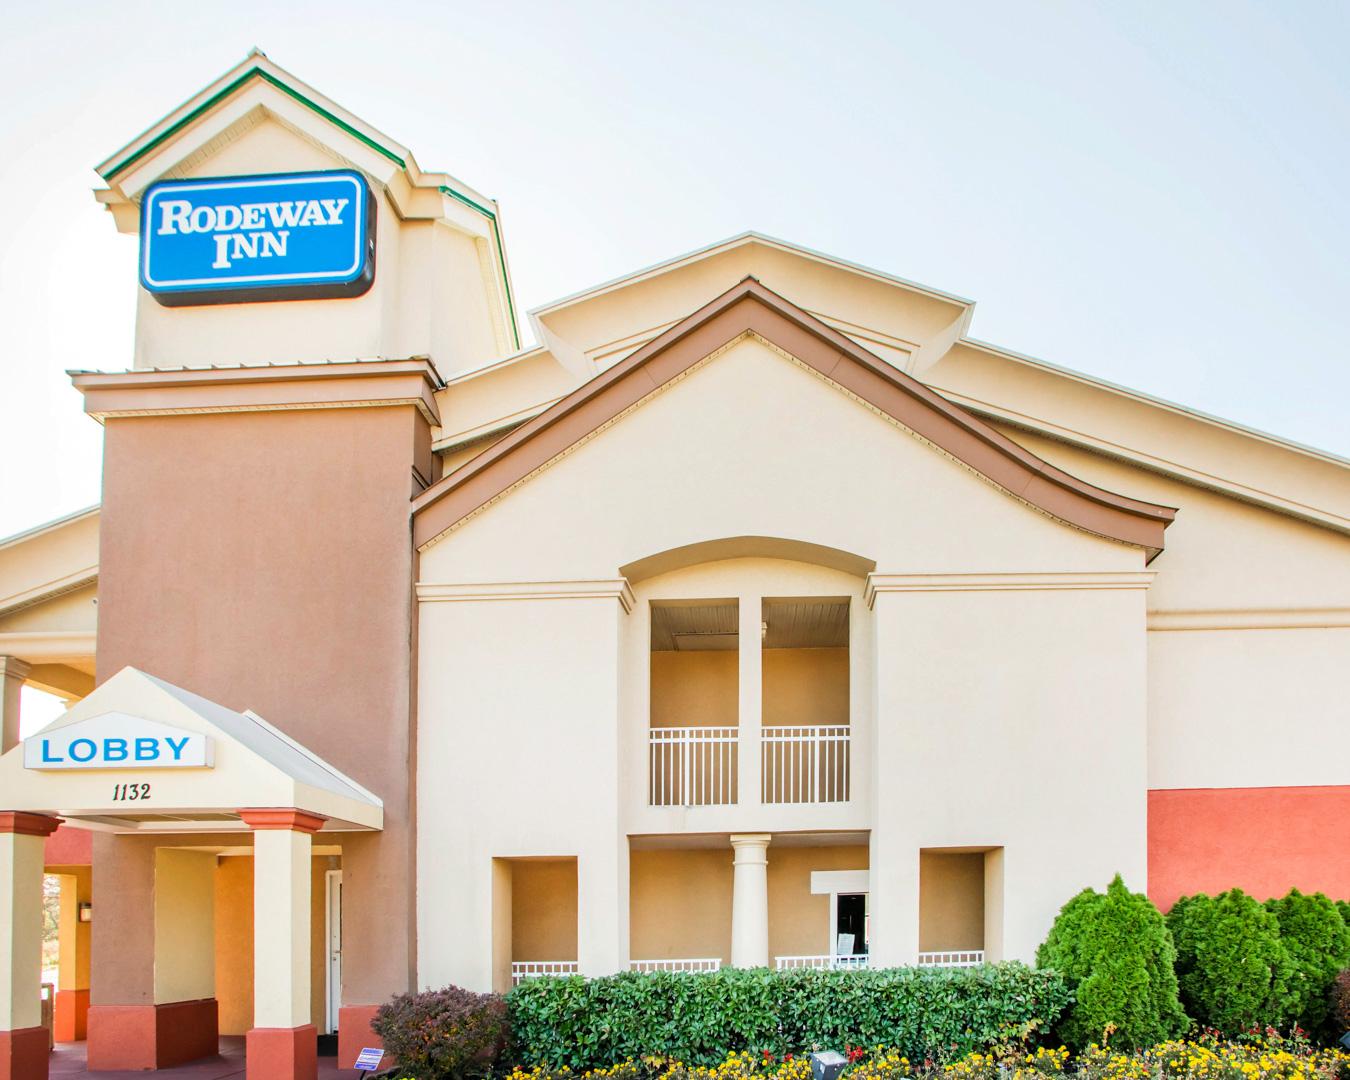 Rodeway inn in mount laurel nj 08054 for Hotels 08054